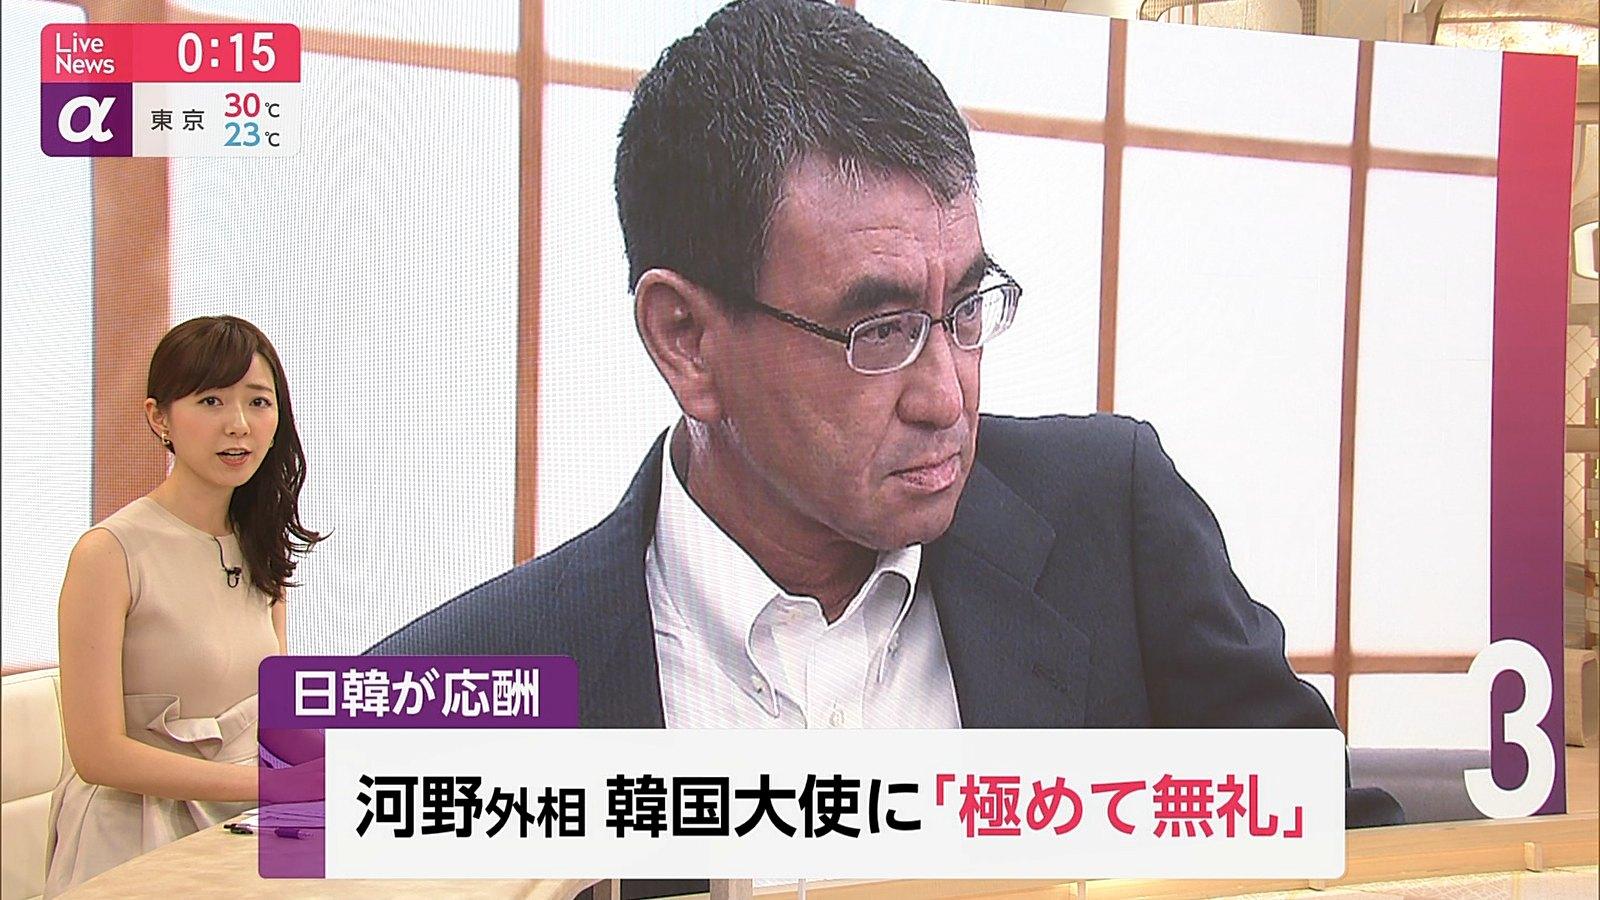 2019年7月19日「FNN Live News α」内田嶺衣奈さんのテレビキャプチャー画像-098